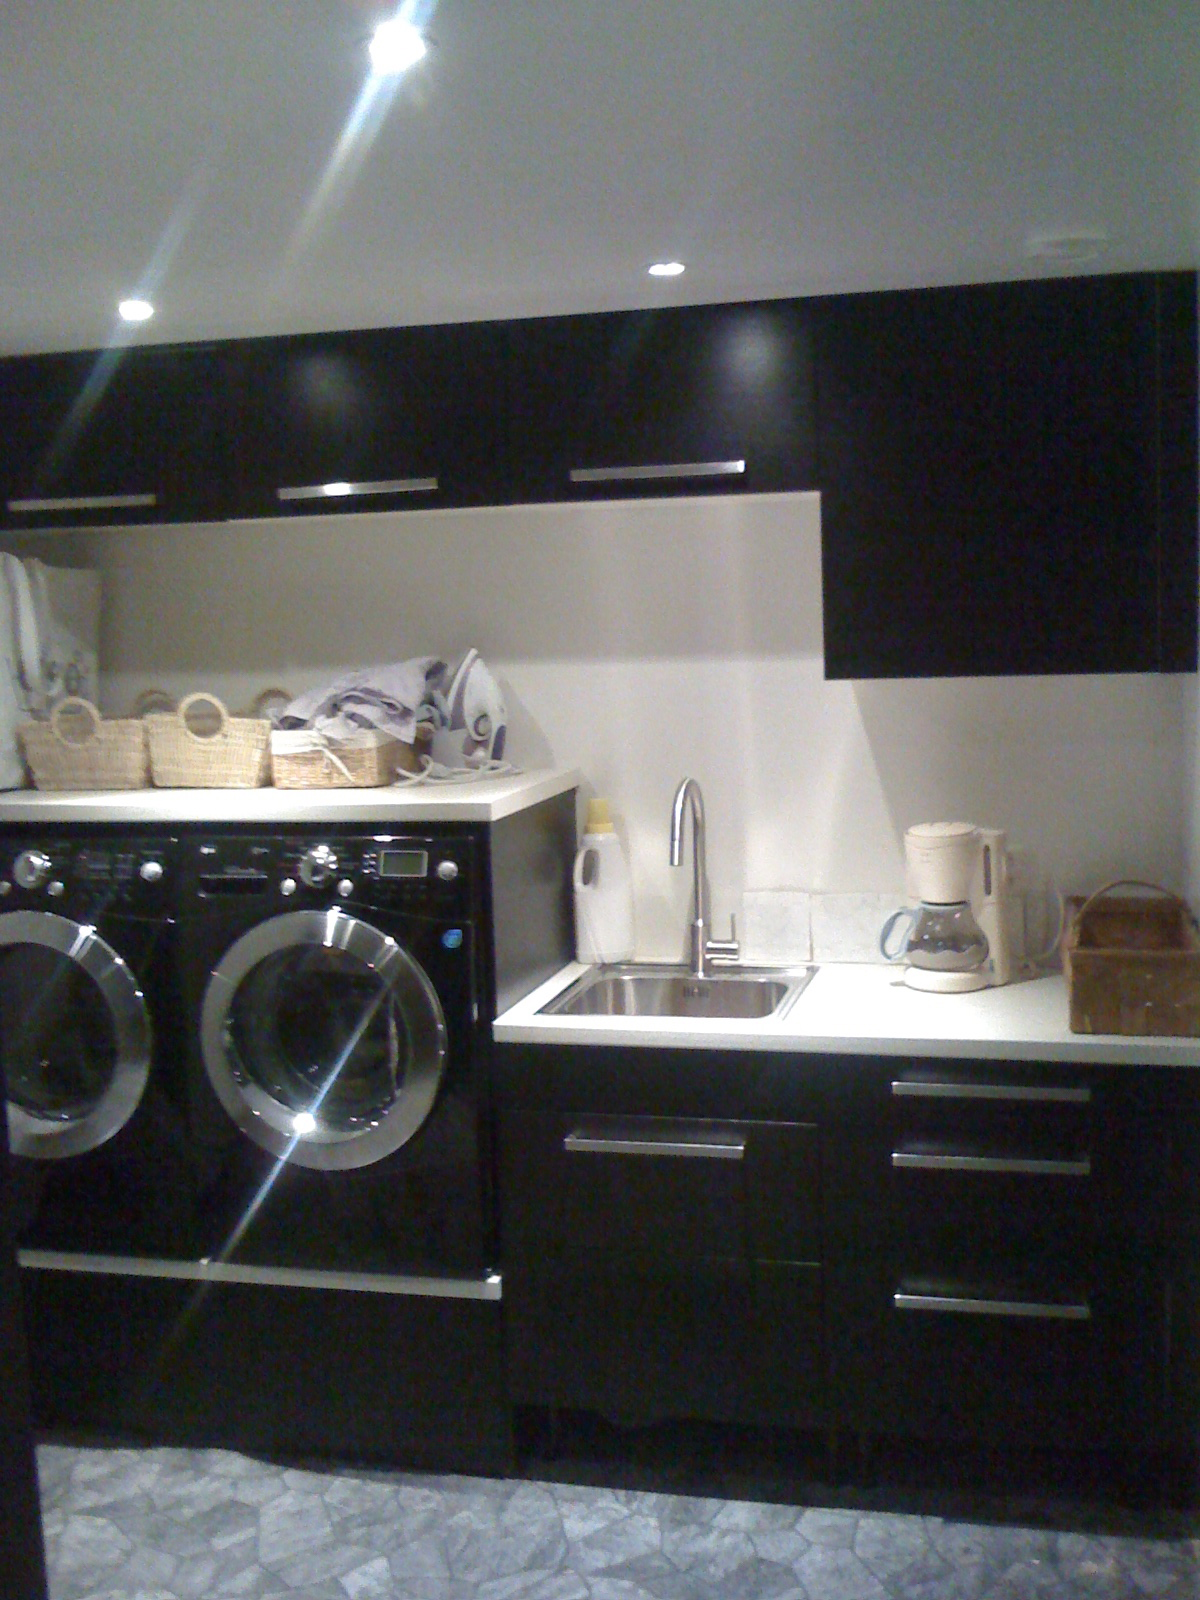 Ullevidsdal: ljusare kök och snart eget badrum